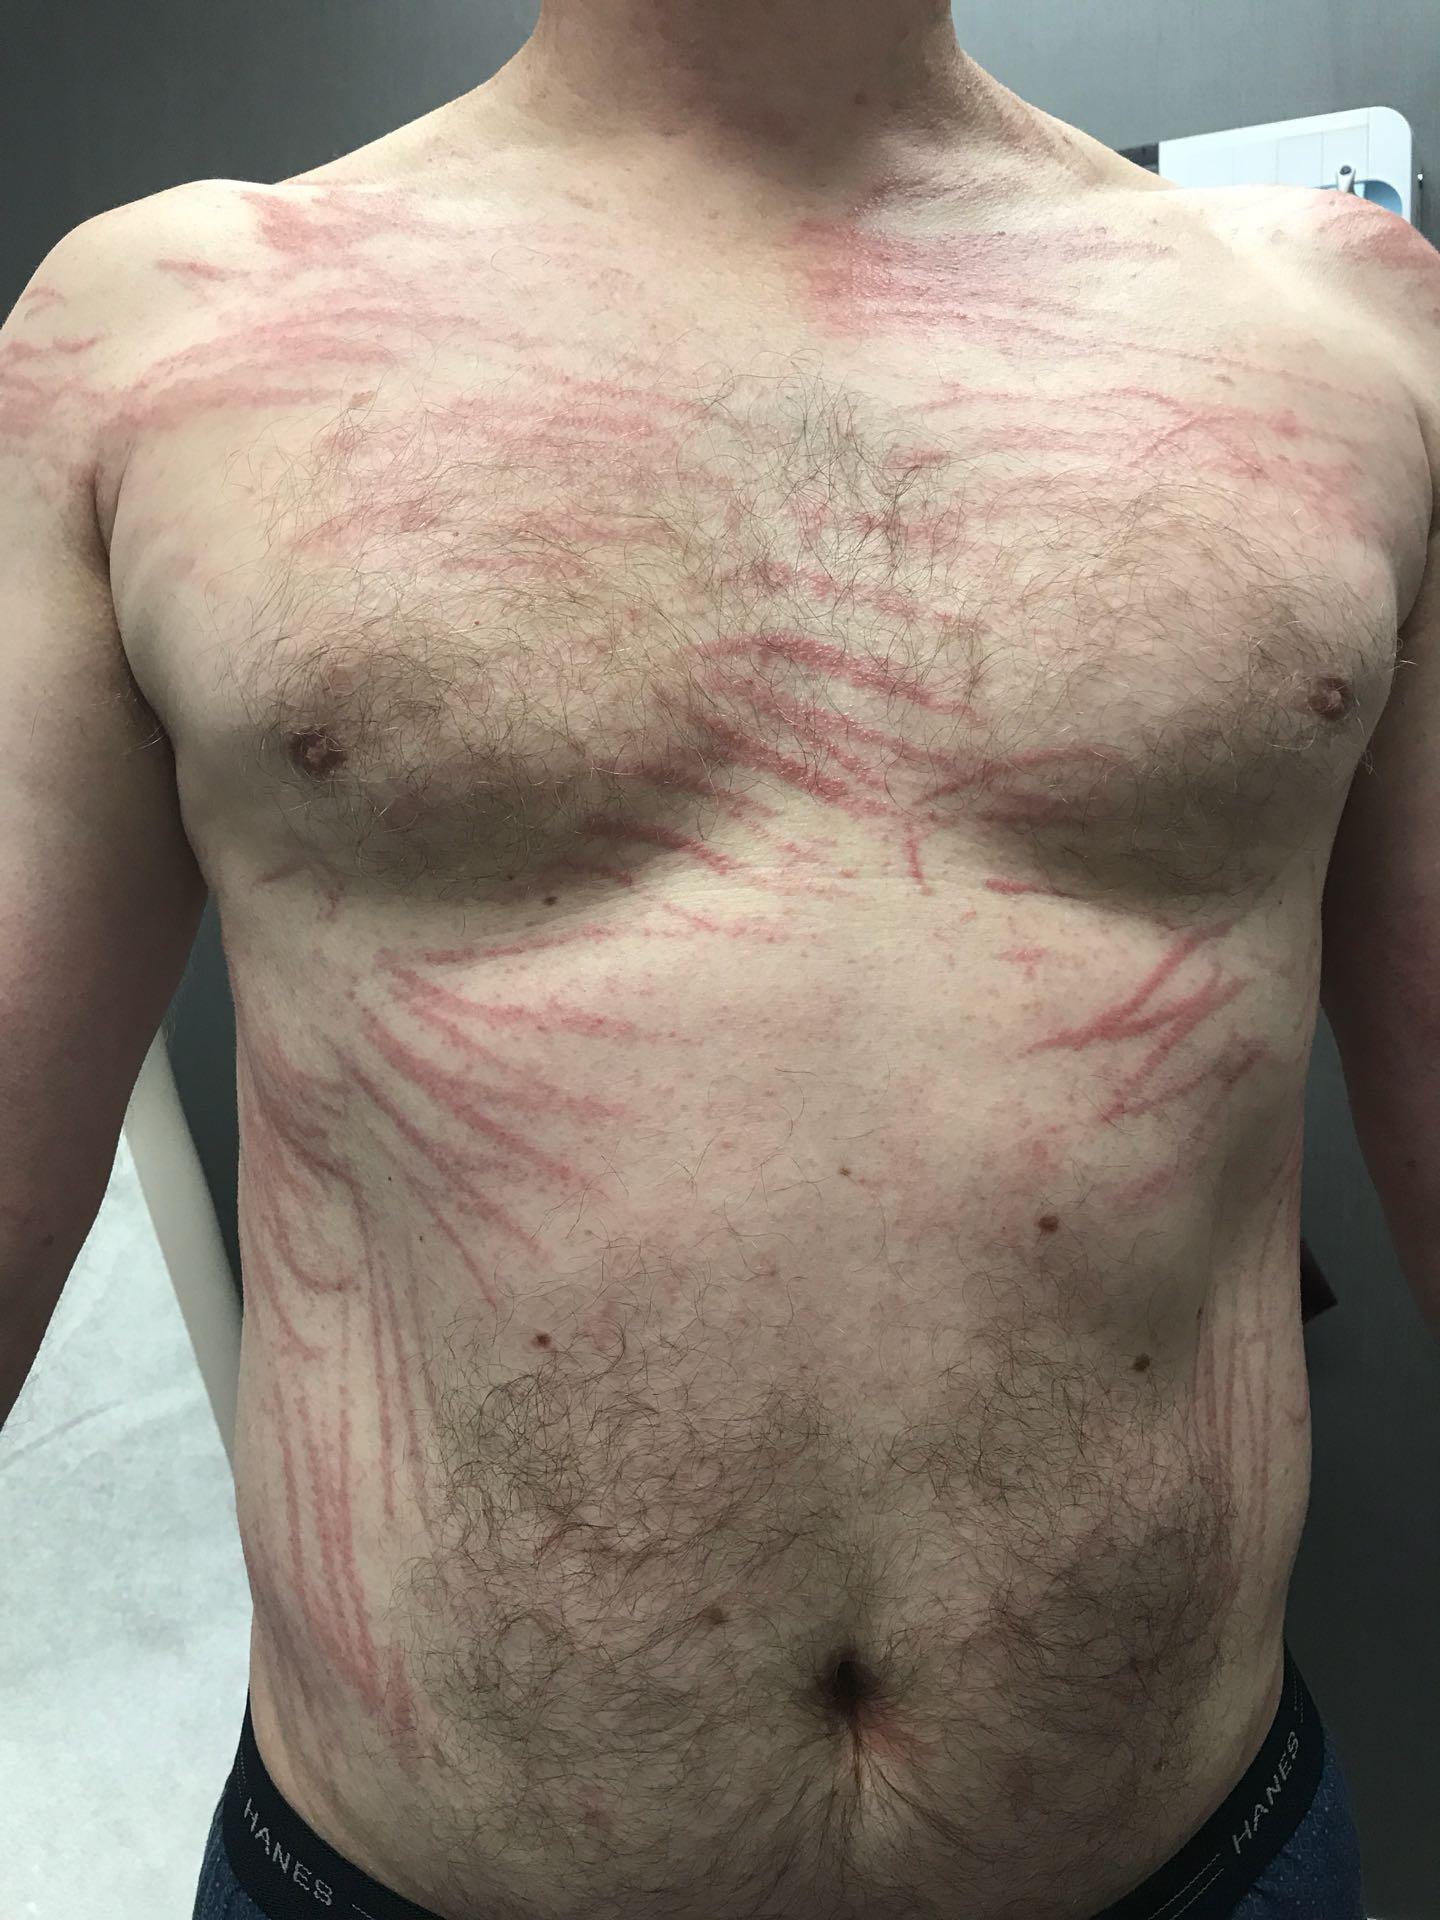 Shiitake dermatitis